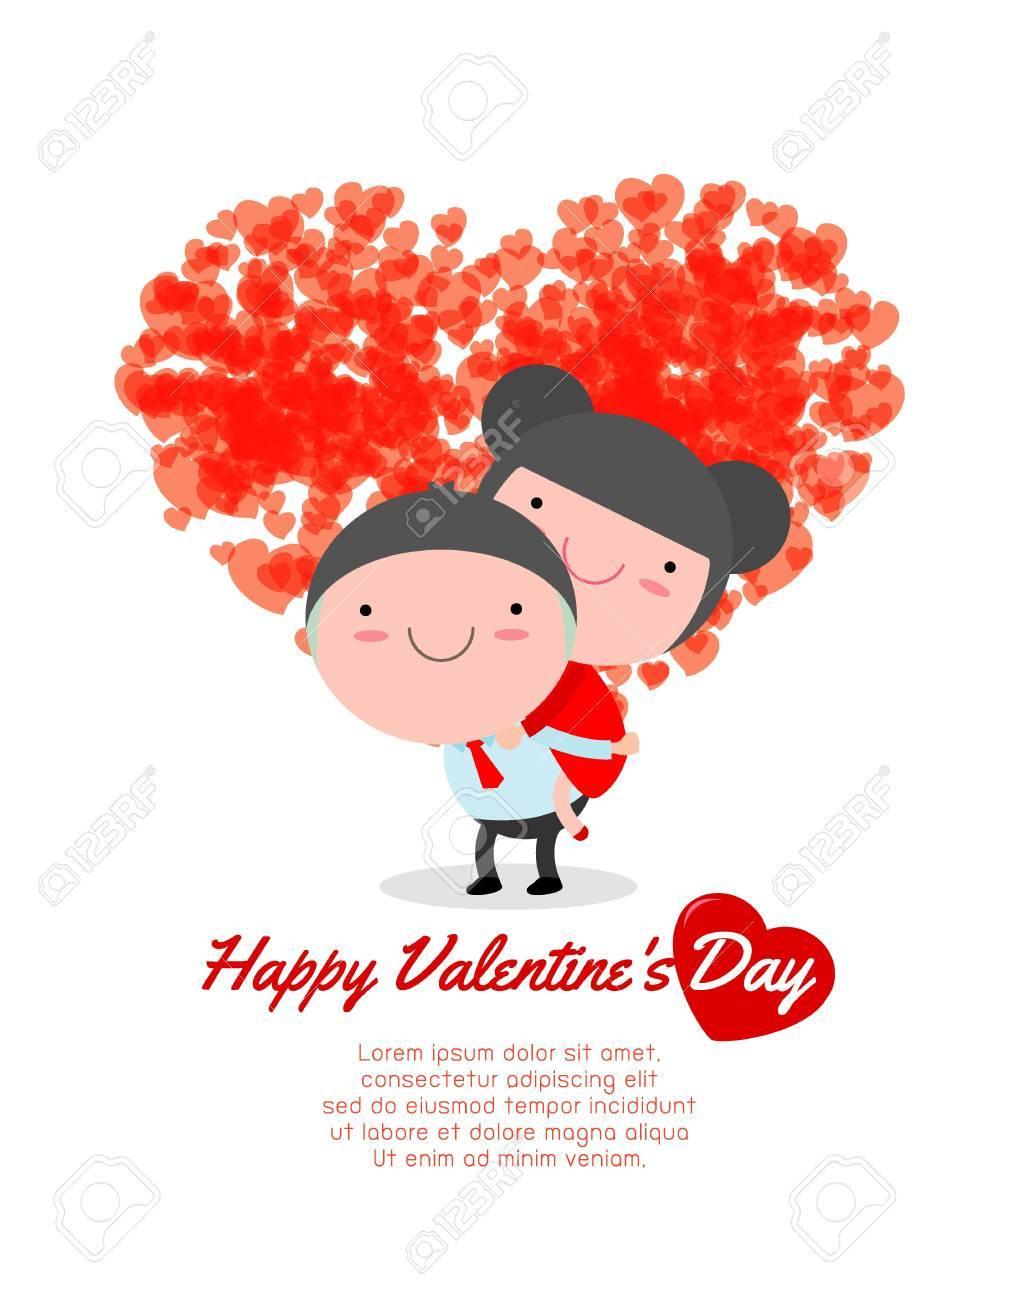 Joyeux Anniversaire De La Carte De Voeux De La Saint Valentin